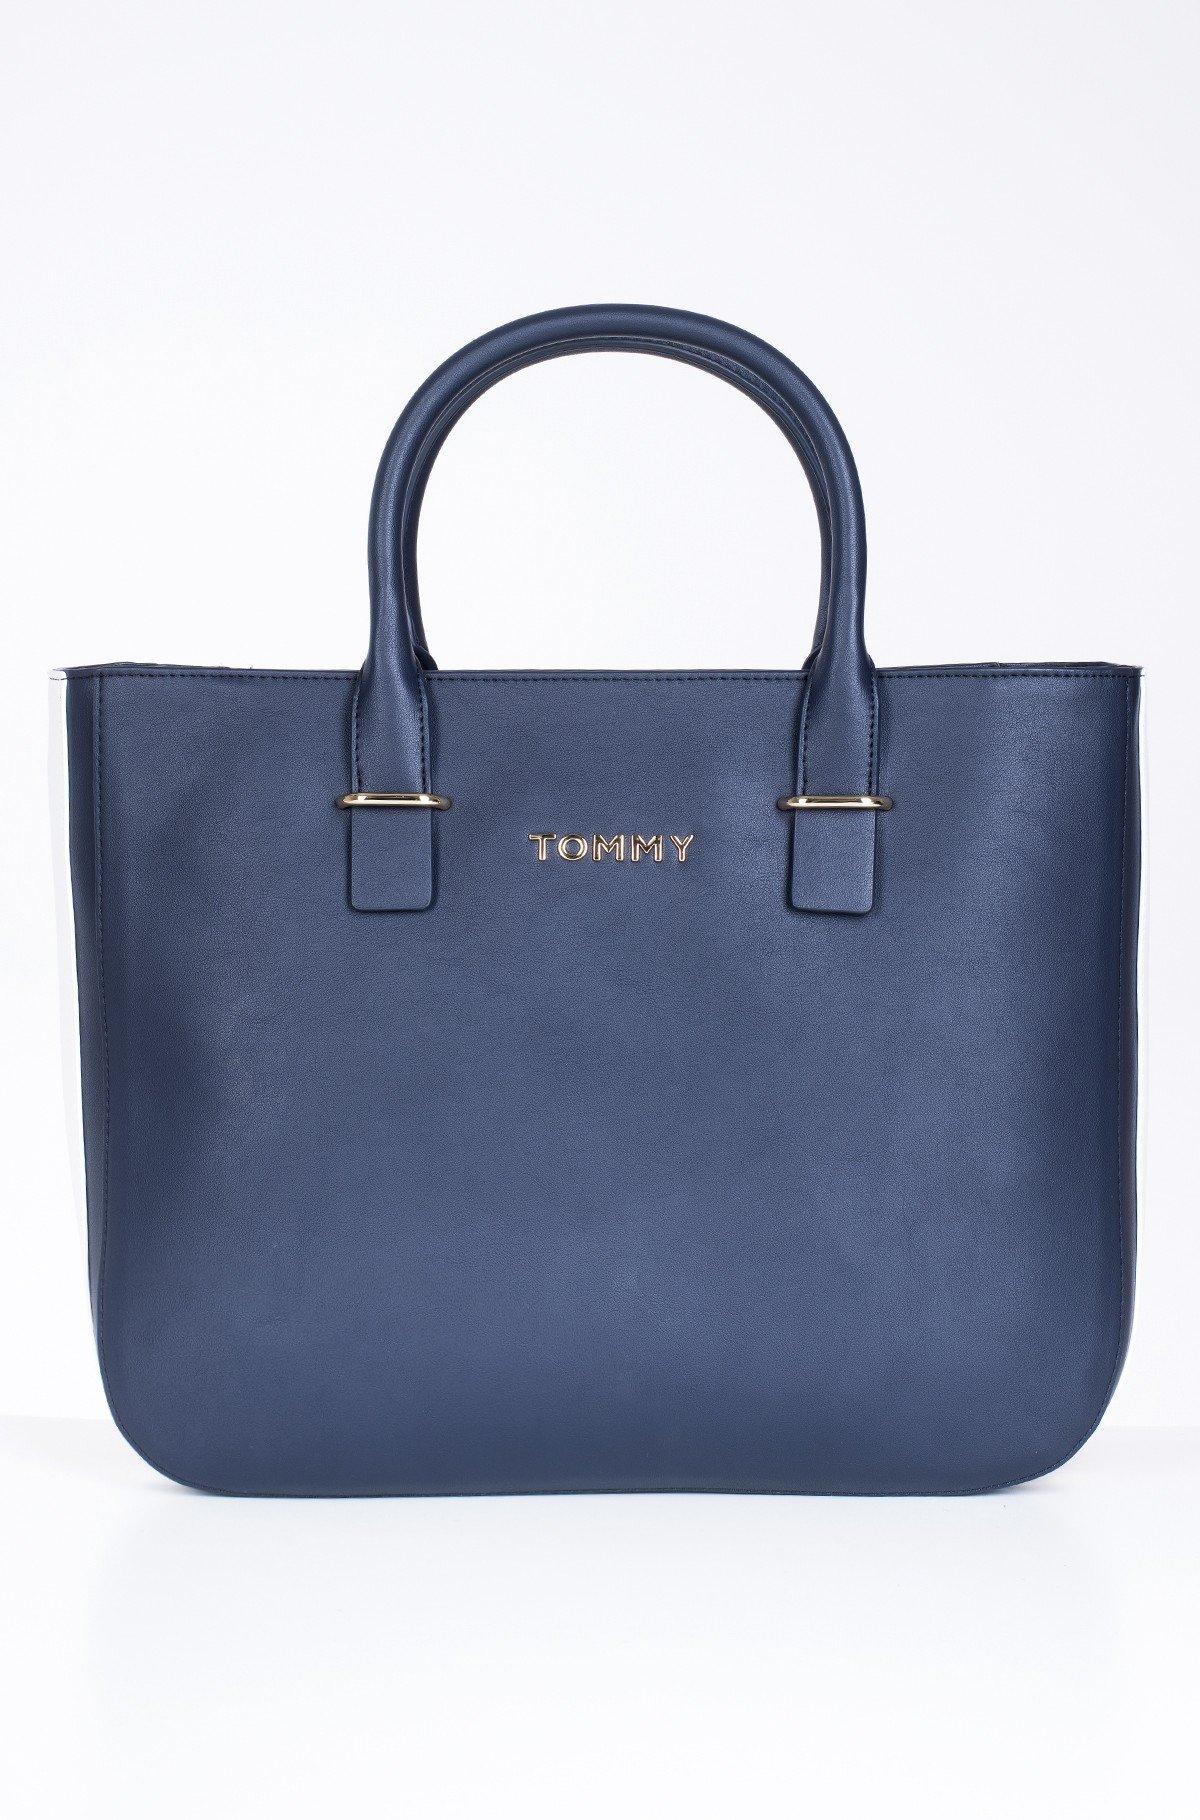 Handbag TOMMY STAPLE SATCHEL-full-1